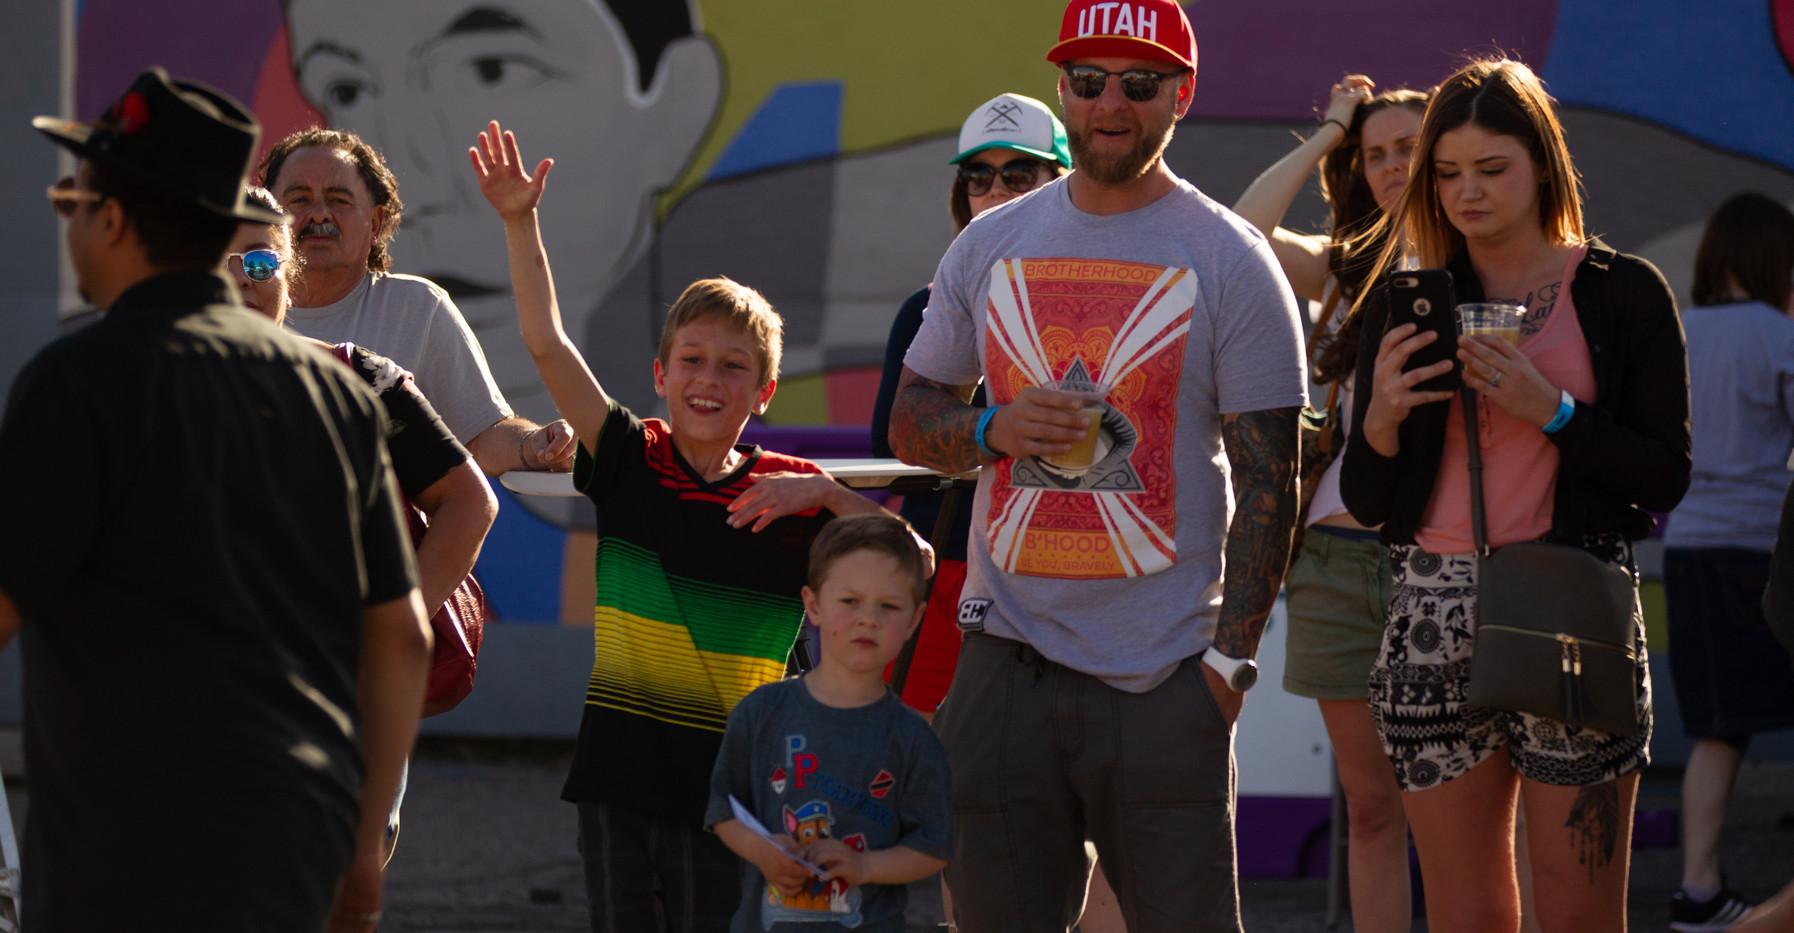 Family at Mural Fest